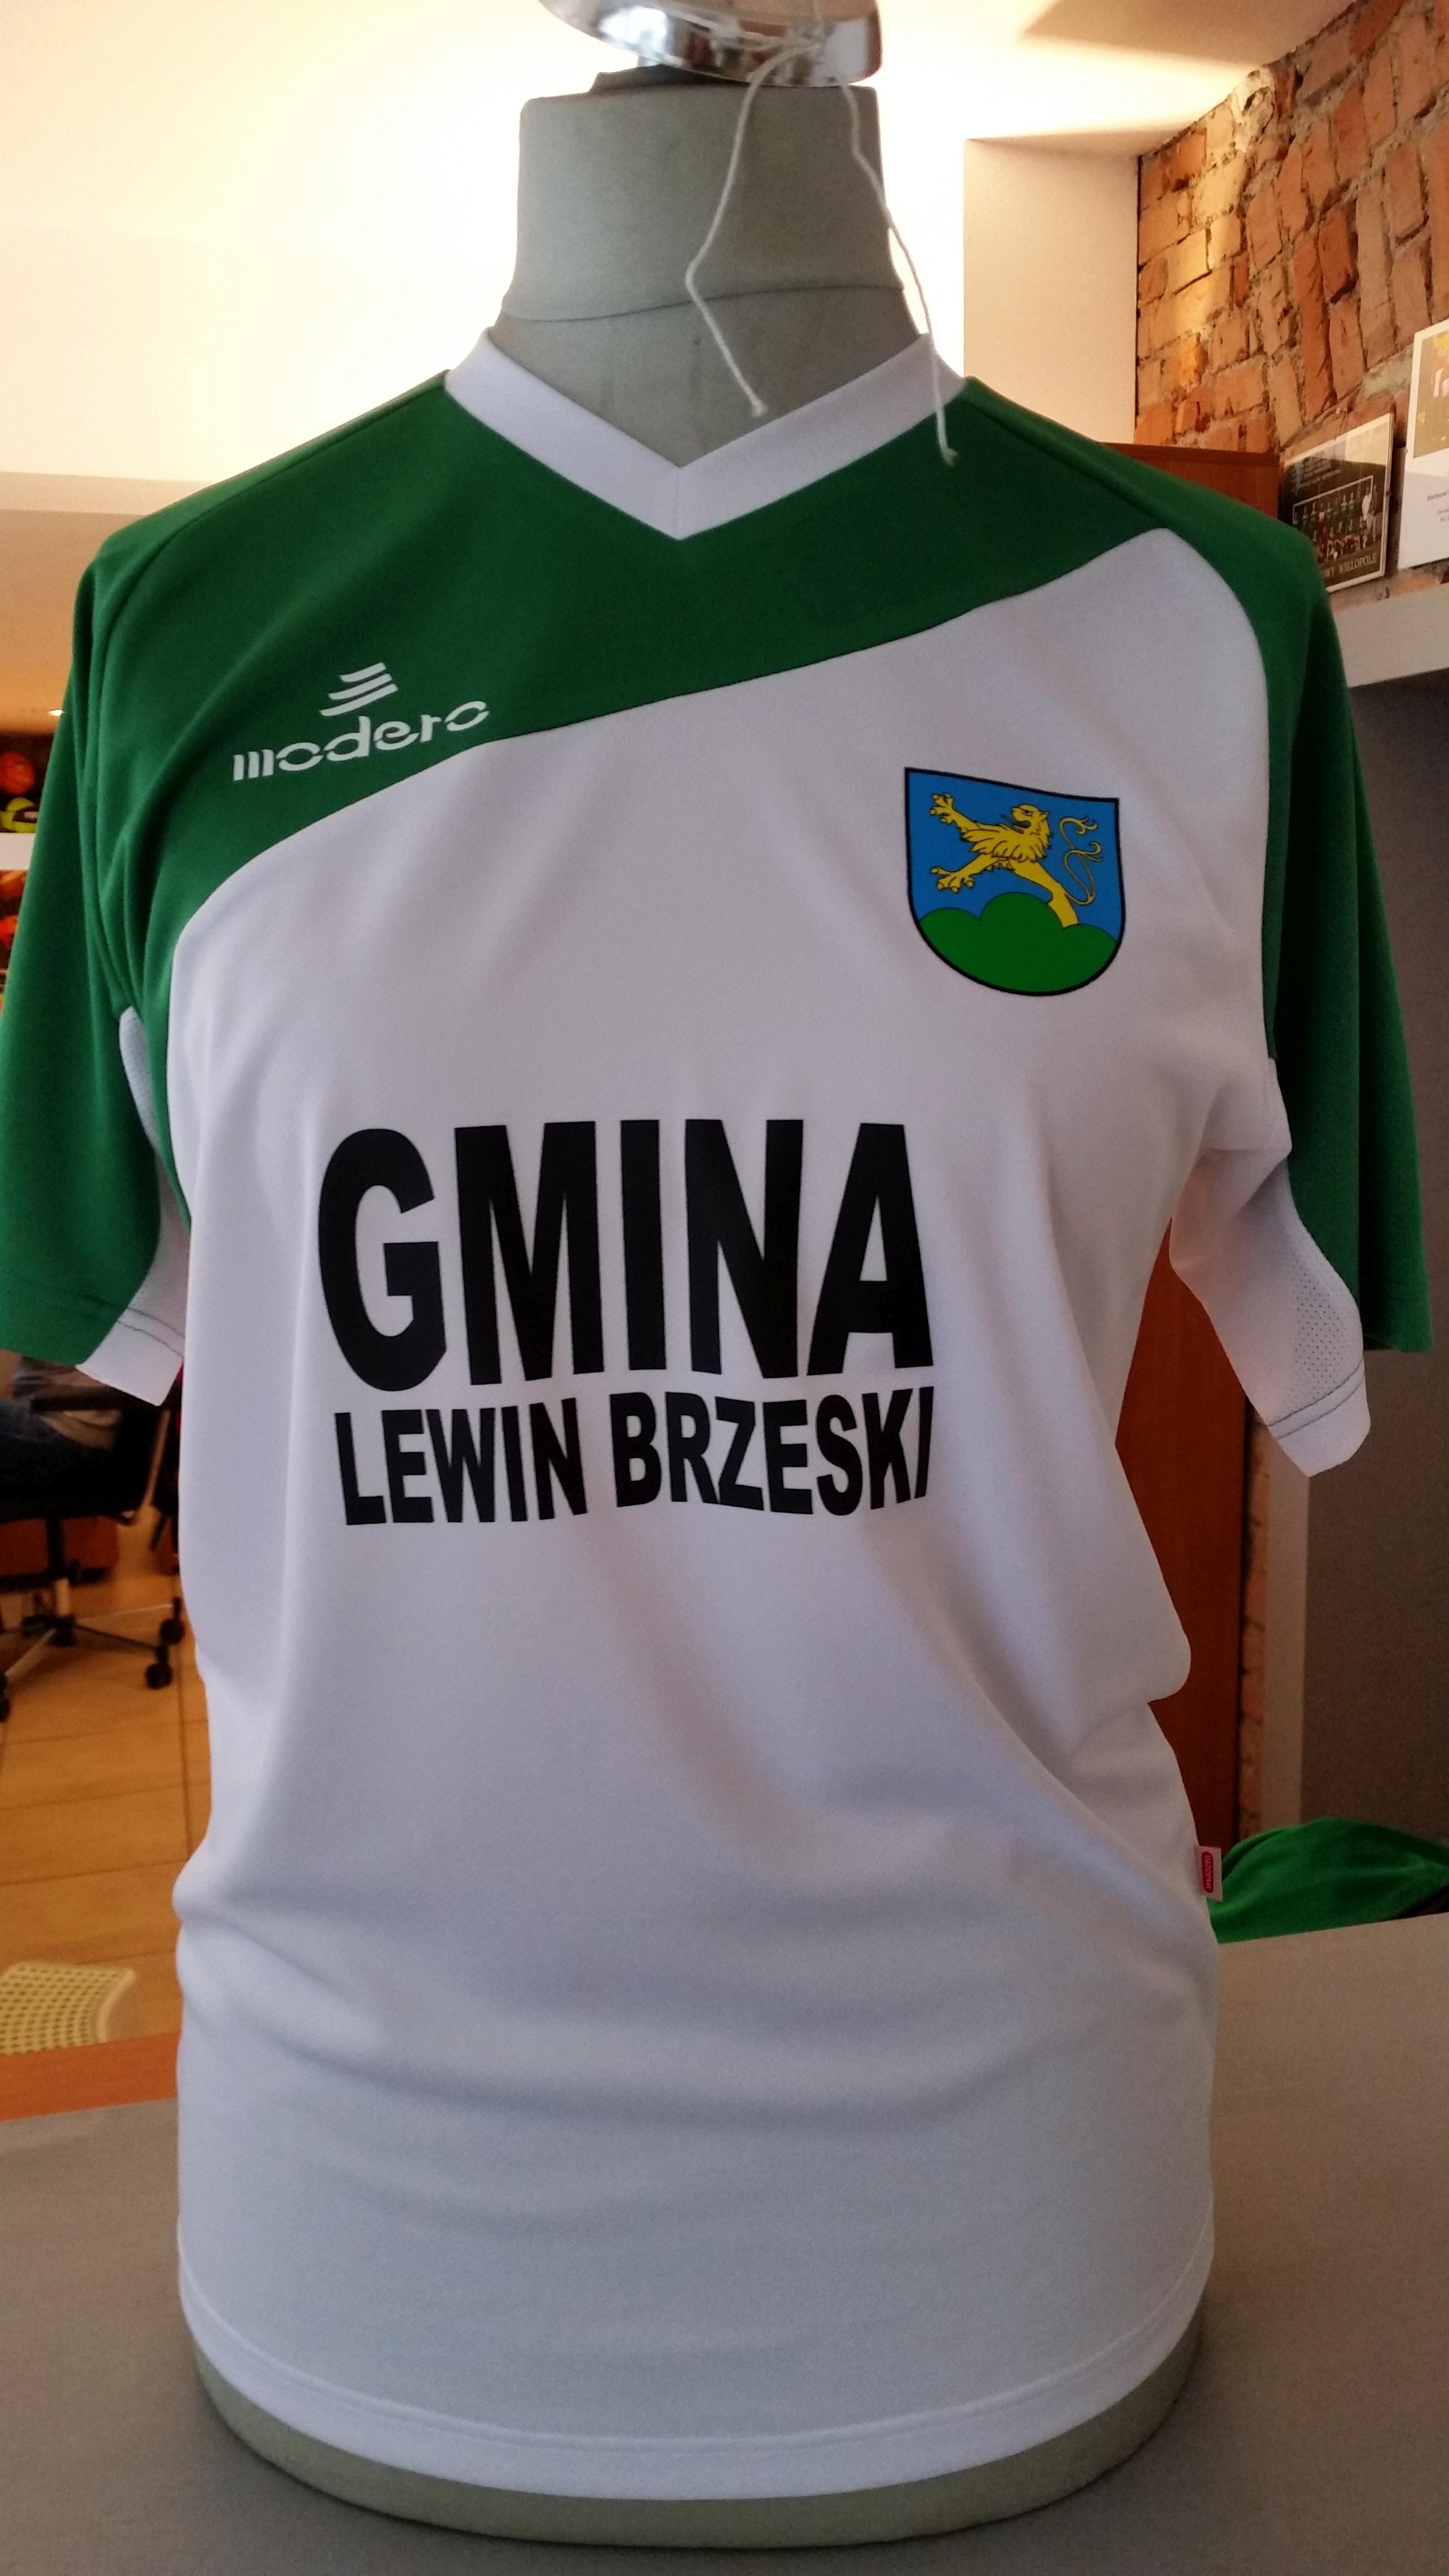 nadruk logo i napis w 2 linijkach na koszulce sportowej Modero Perso